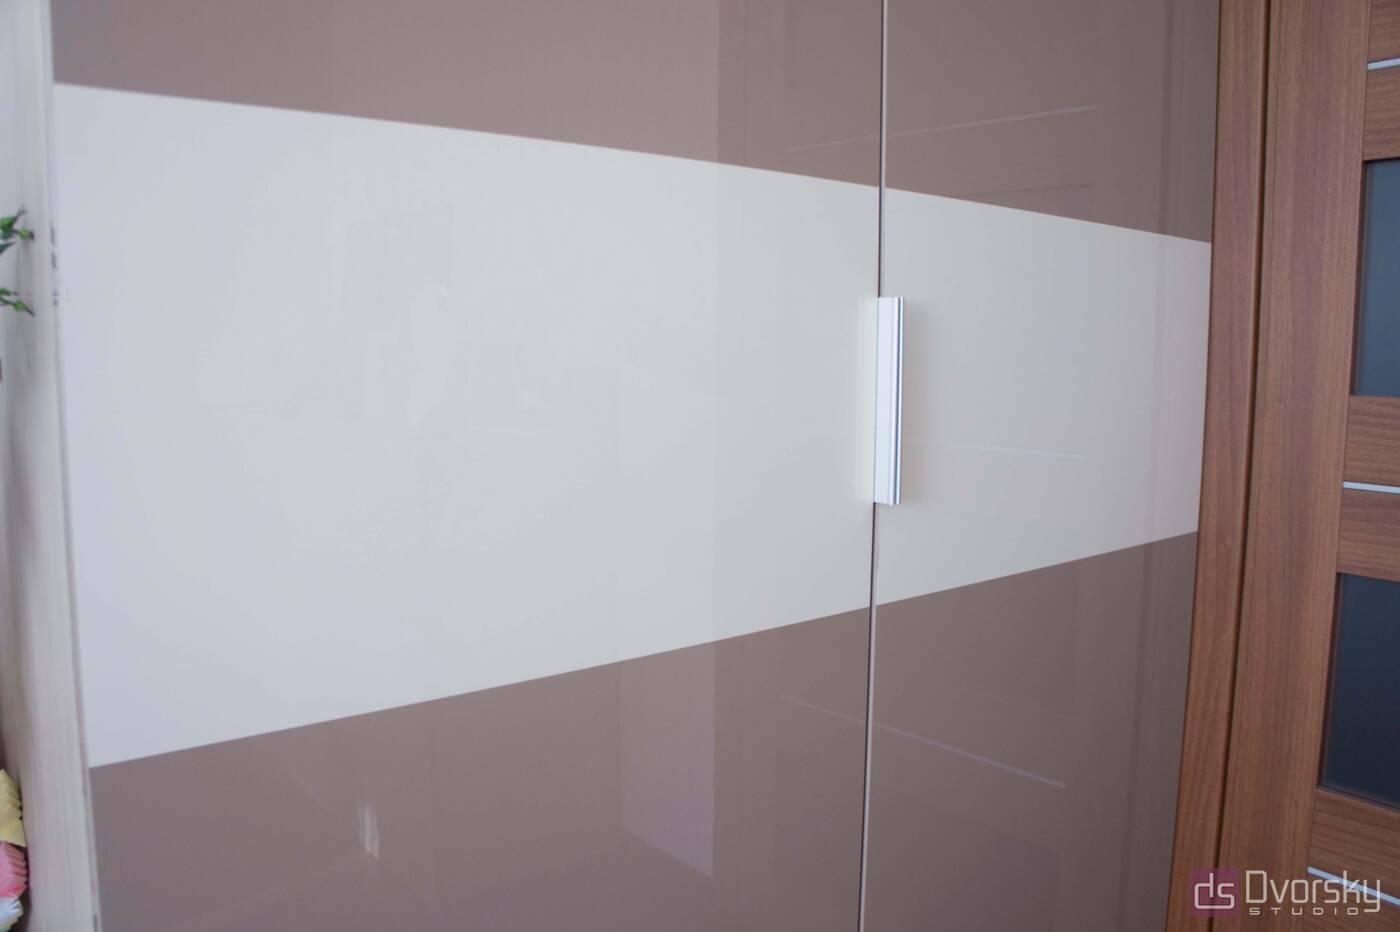 Гостиная Мебельная стенка для гостиной - Фото № 7